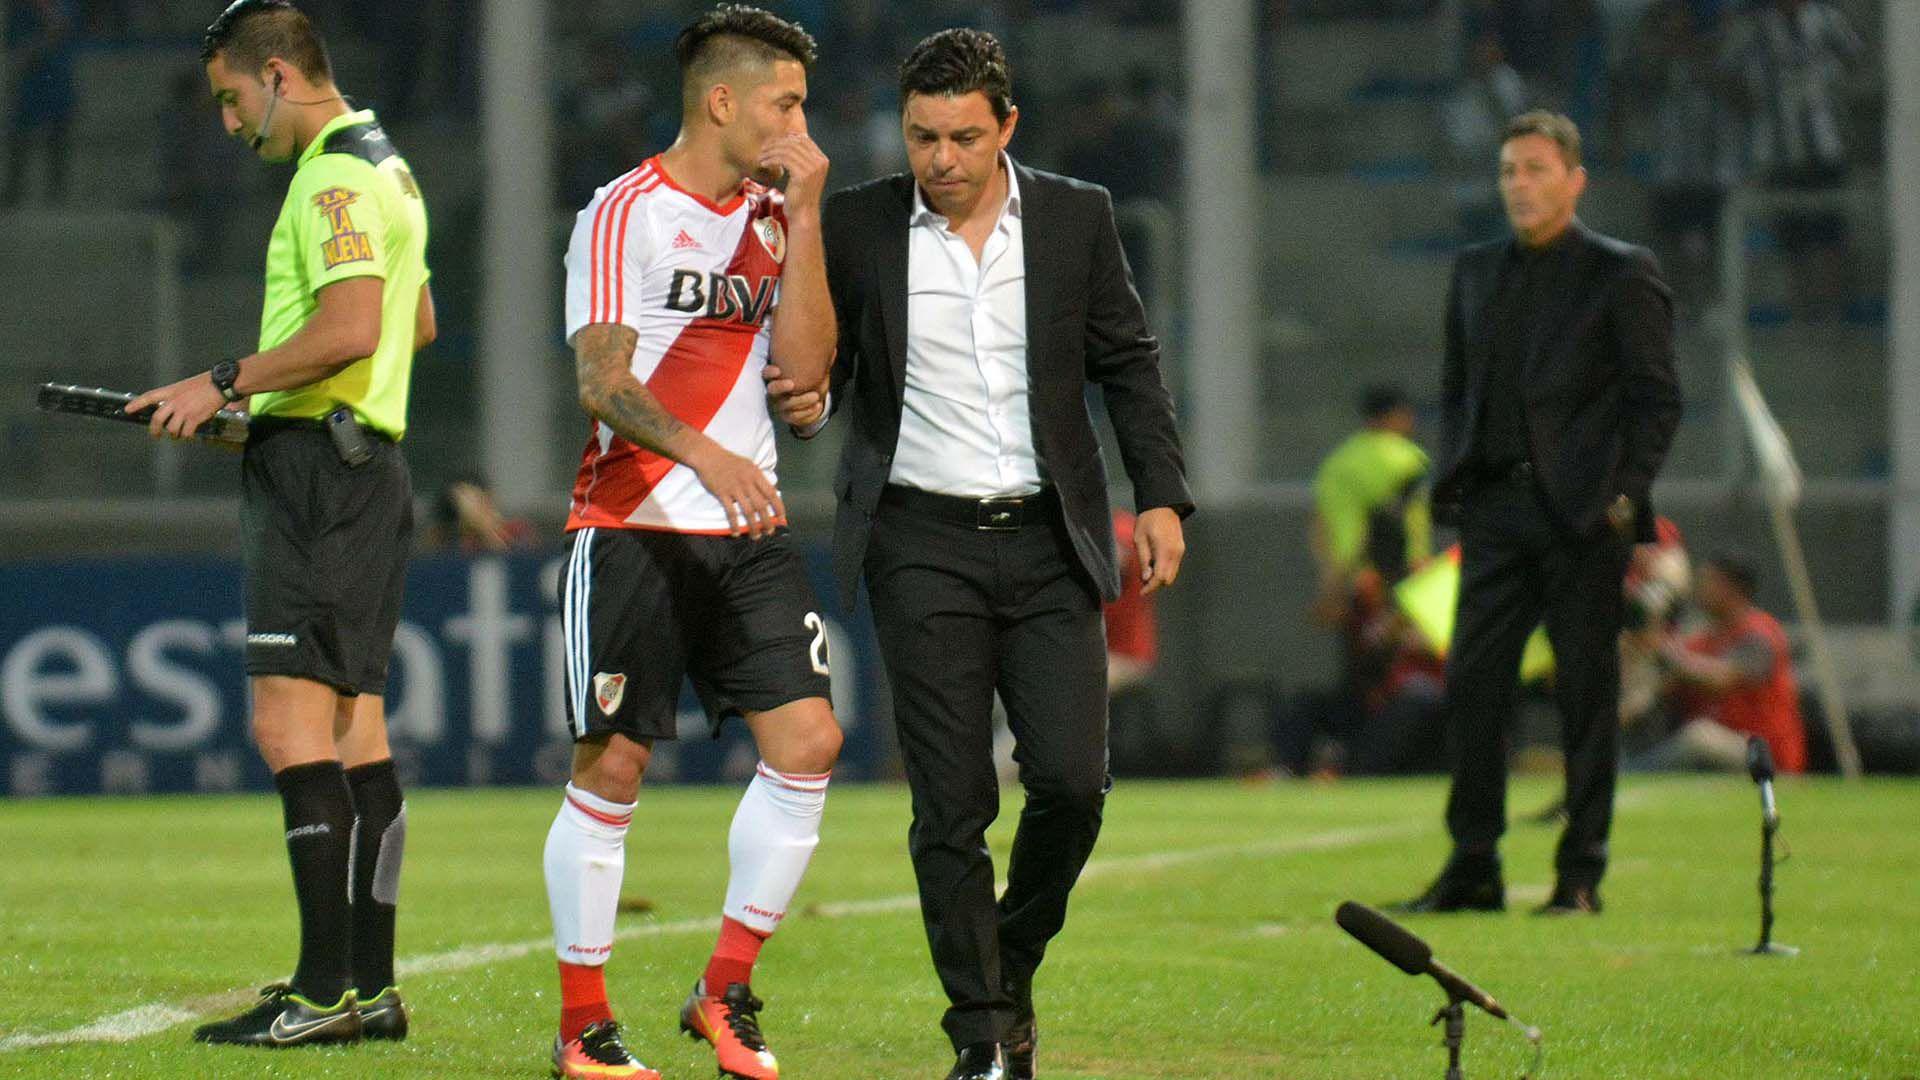 Hasta sus propios jugadores comparan a Medina con Gallardo y algunos apuestan a que debería ser el técnico de River cuando parta el Muñeco, quien dirigió al Cacique en Uruguay (Télam)